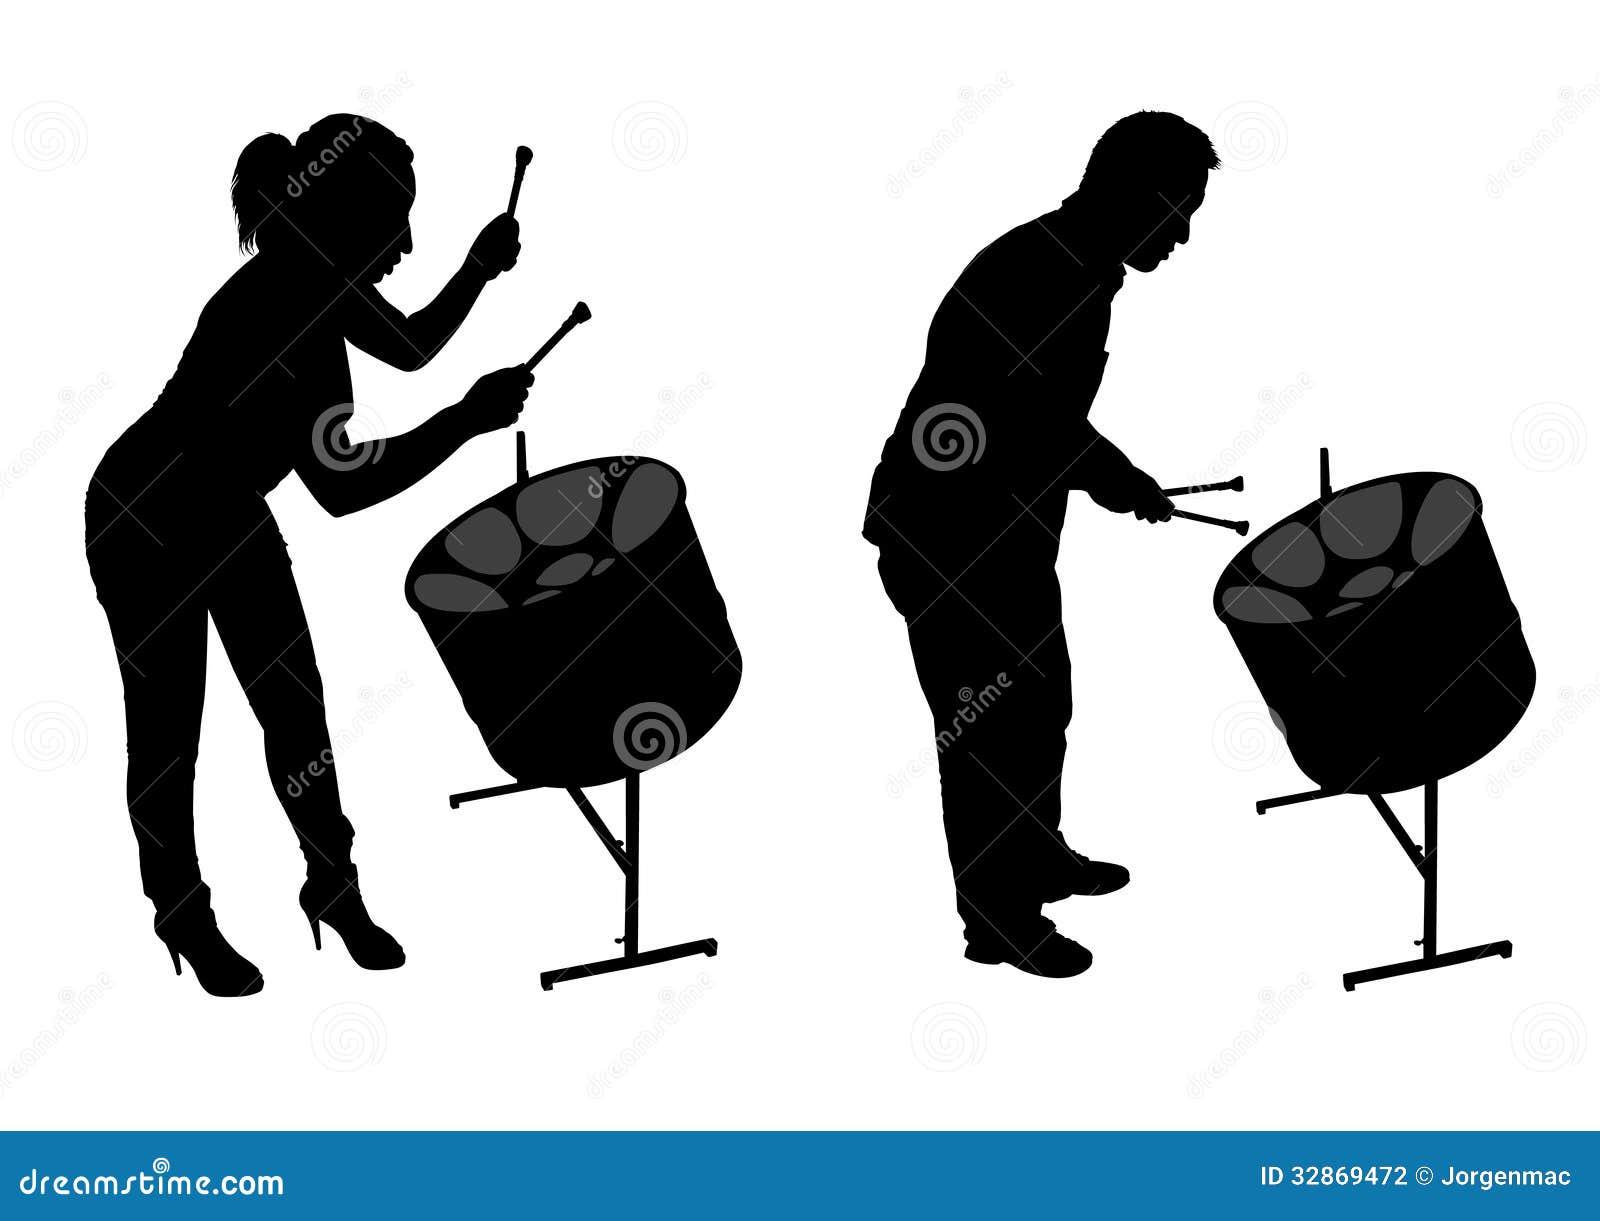 Siluetas de los jugadores del tambor de acero